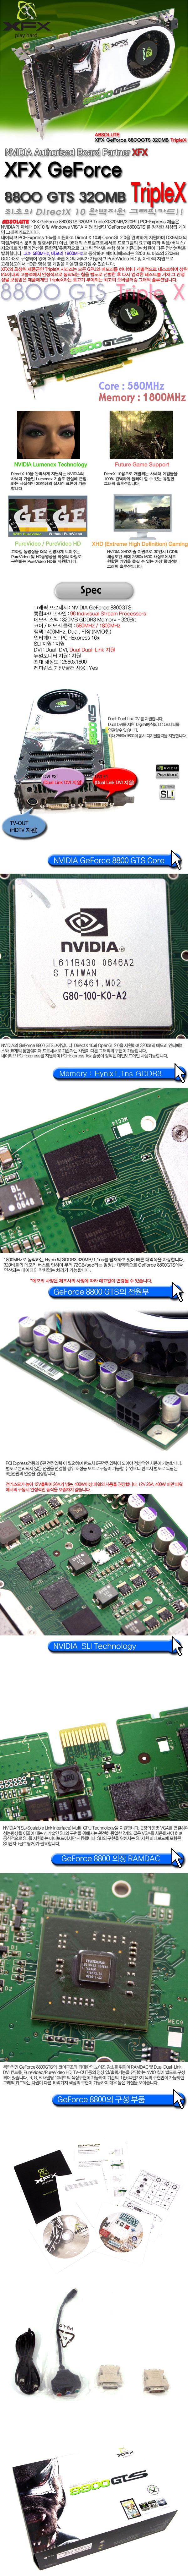 XFX-8800-GTS-TripleX-320MB-320bit-spec.jpg